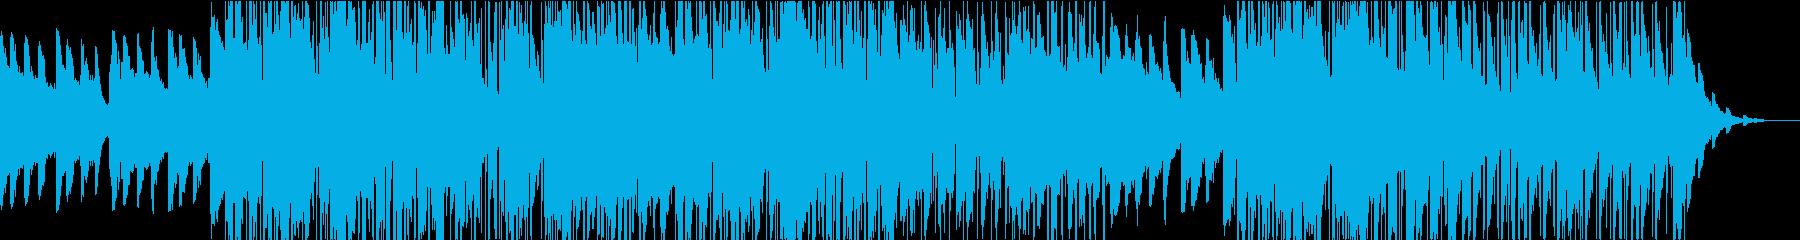 切ないラブソング・Pops洋楽RnBの再生済みの波形